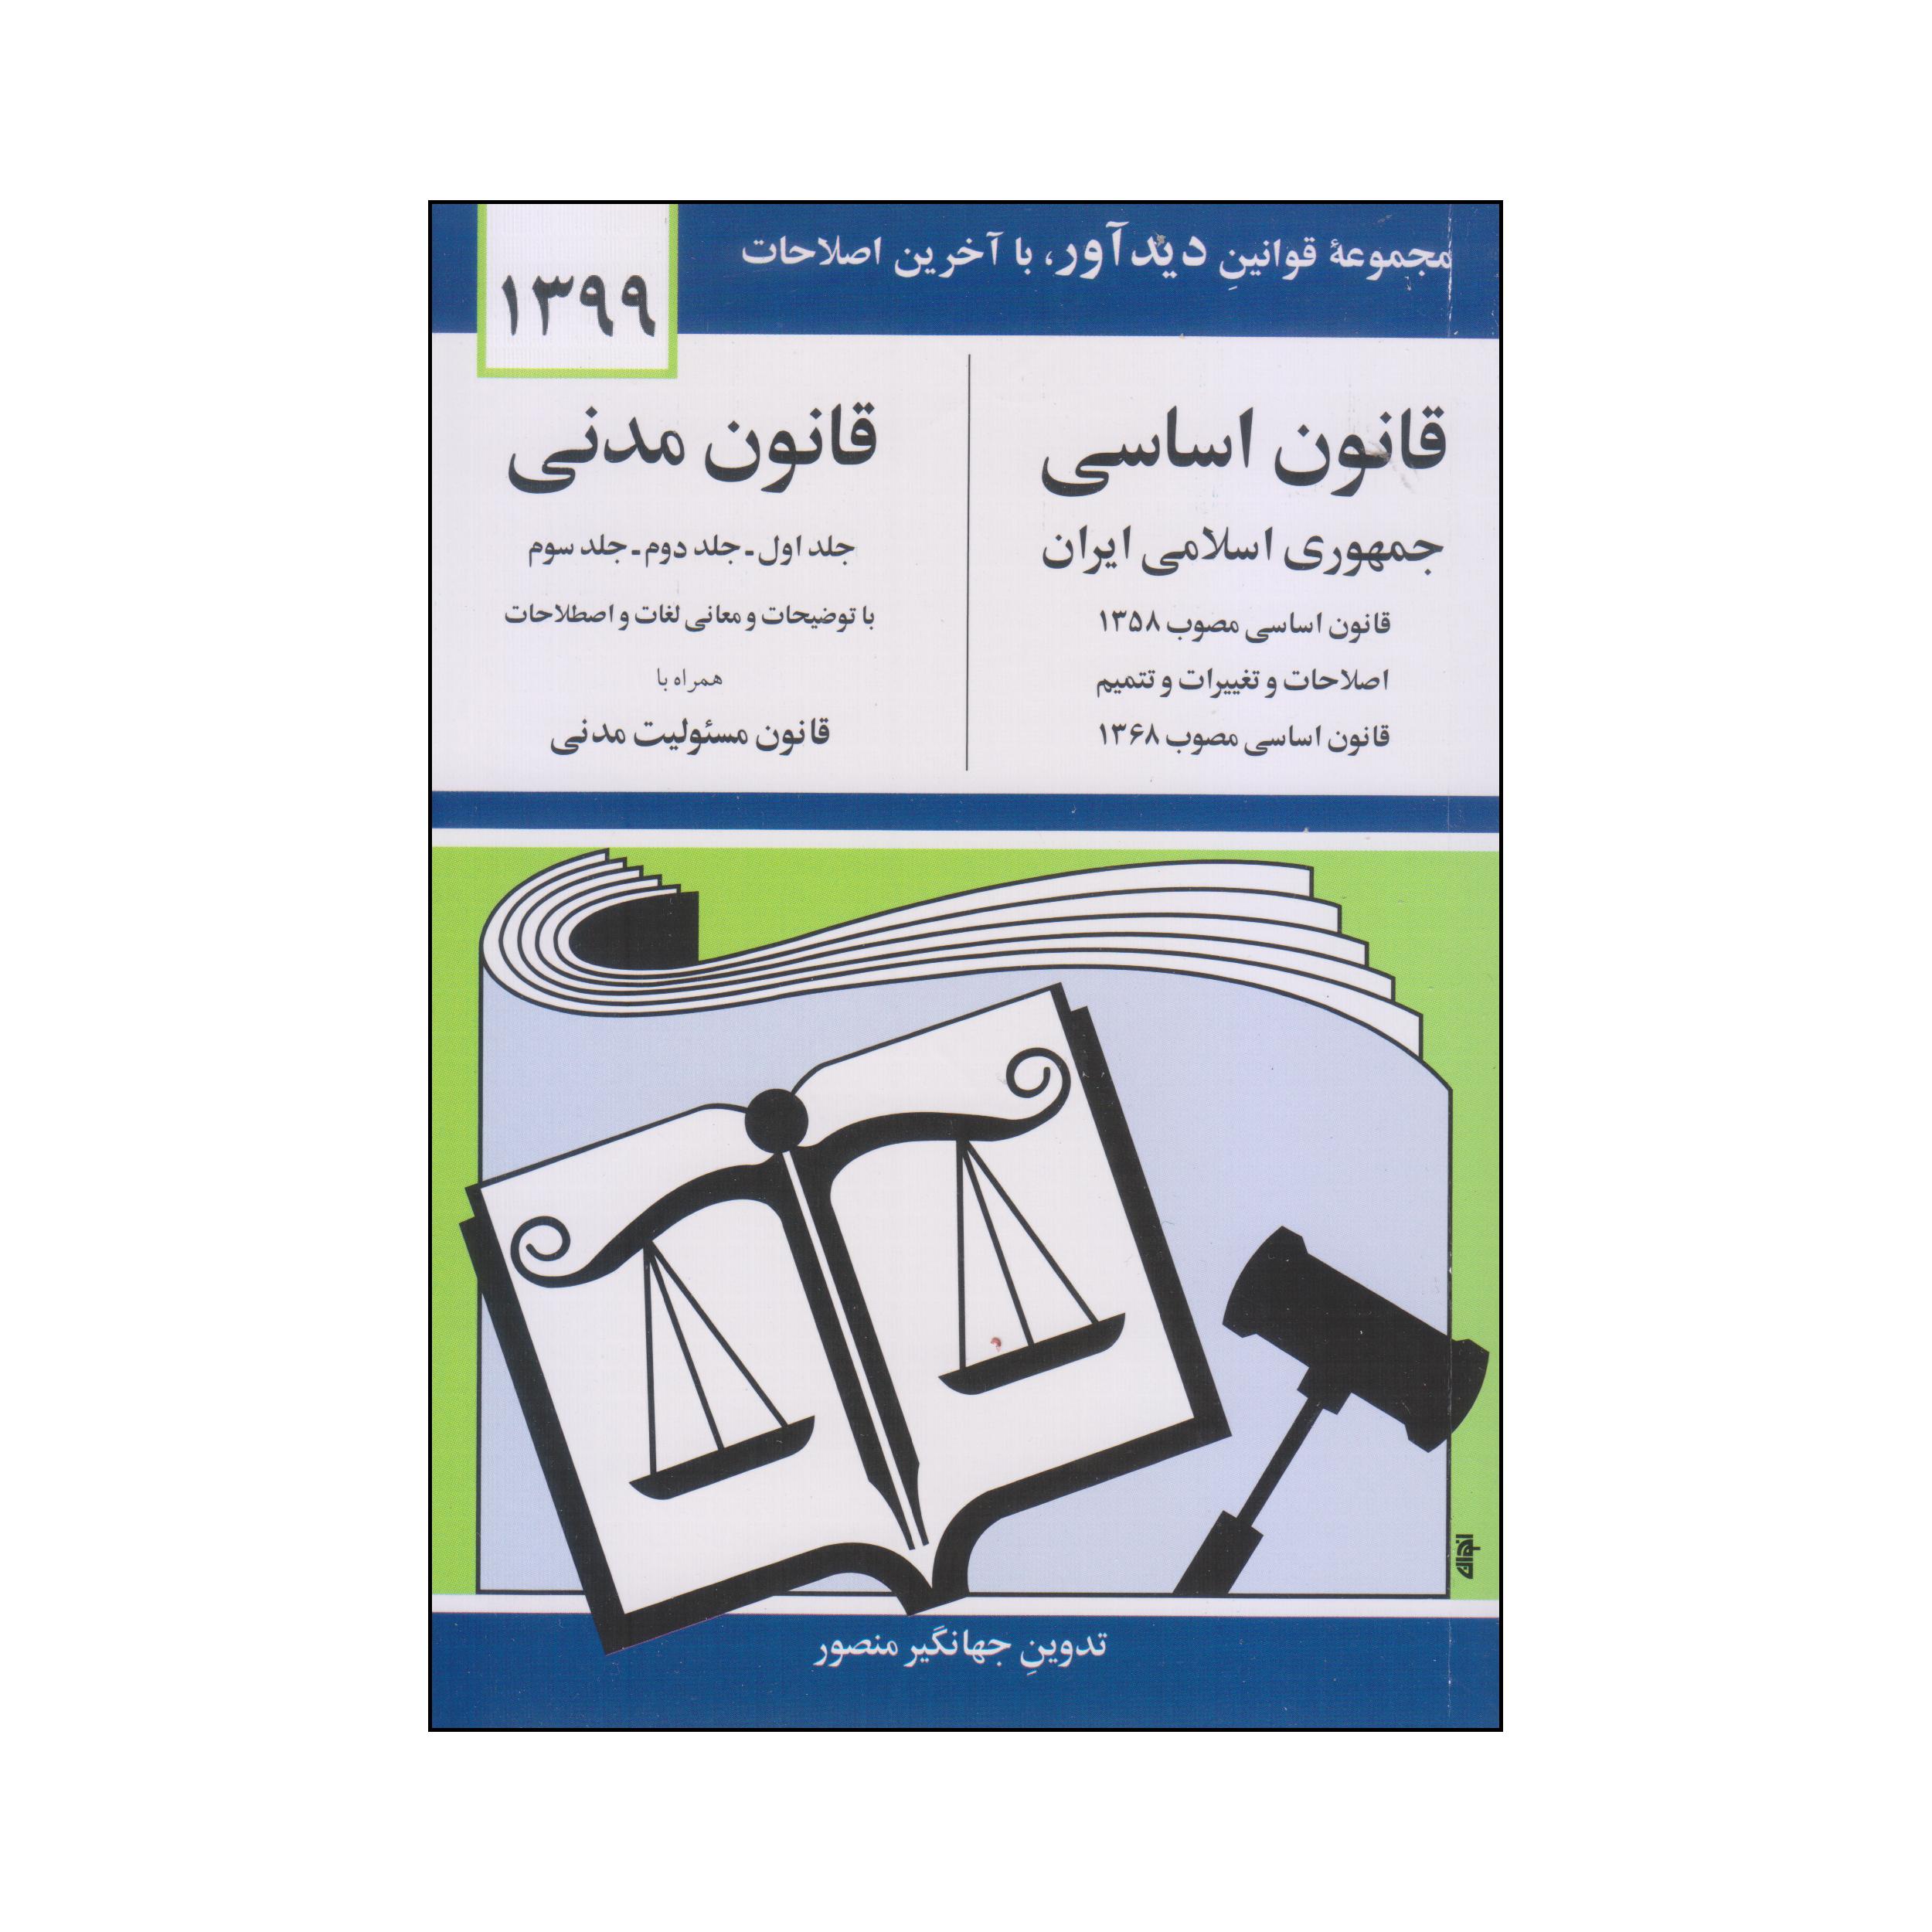 کتاب قانون اساسی و قانون مدنی اثر جهانگیر منصور انتشارات دوران